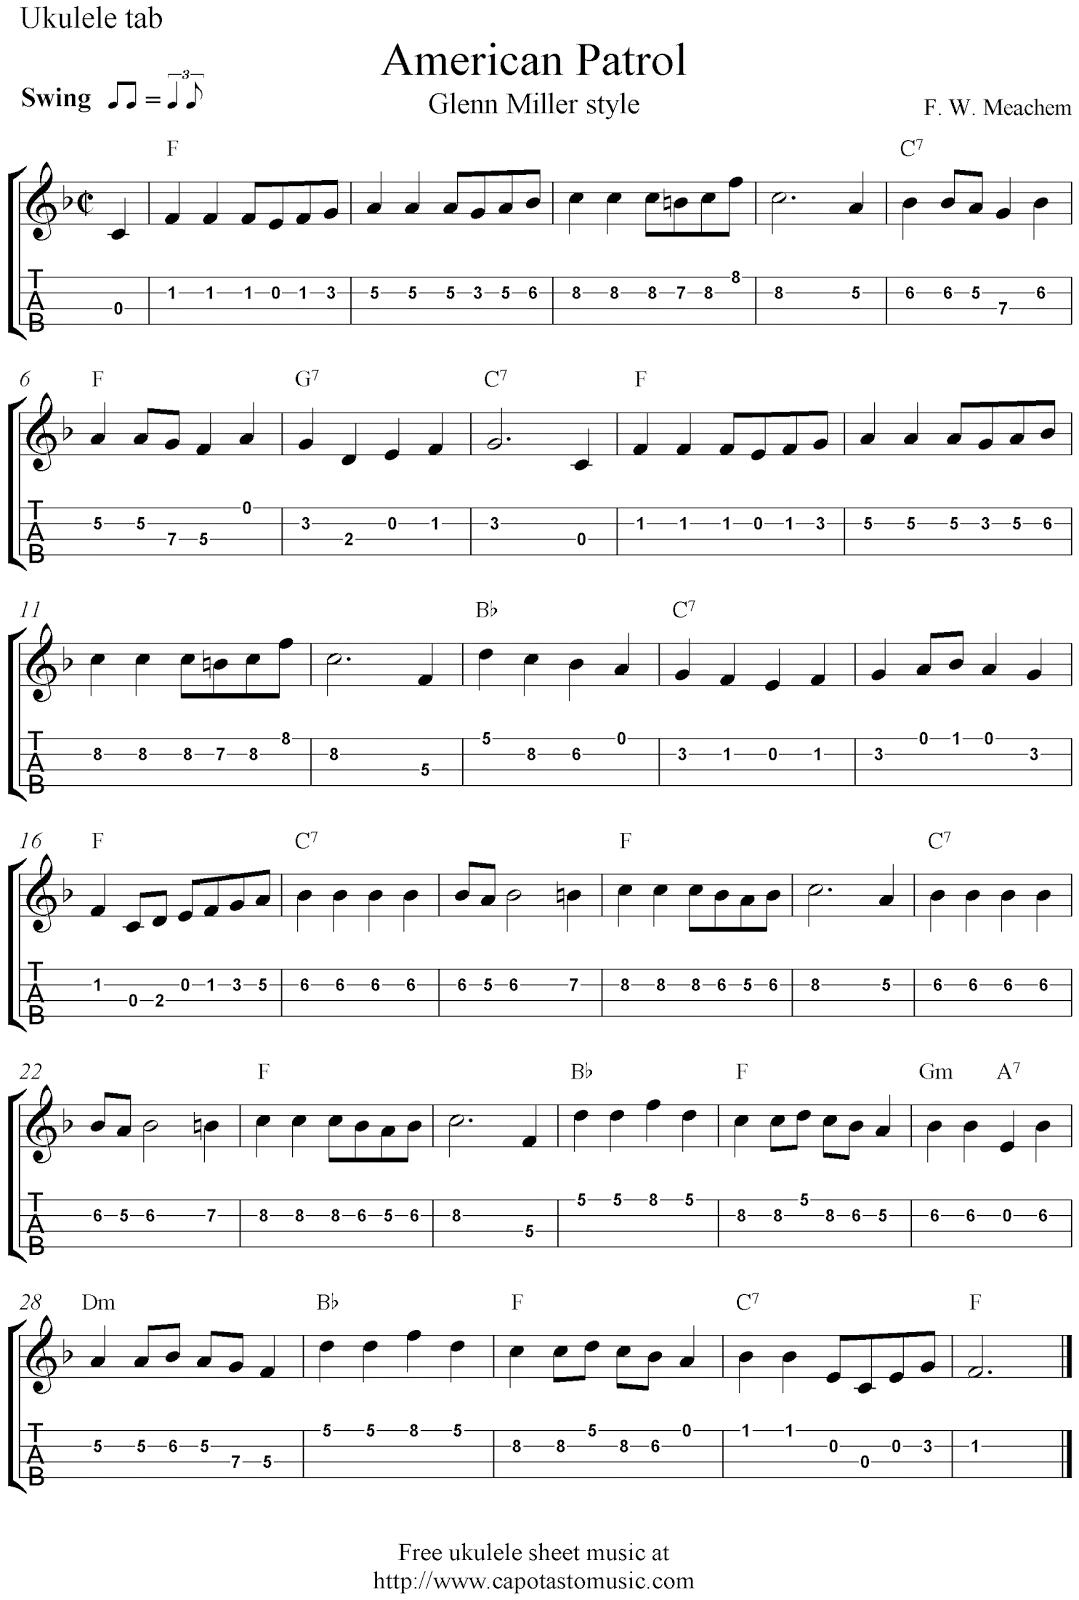 Free ukulele tab sheet music, American Patrol